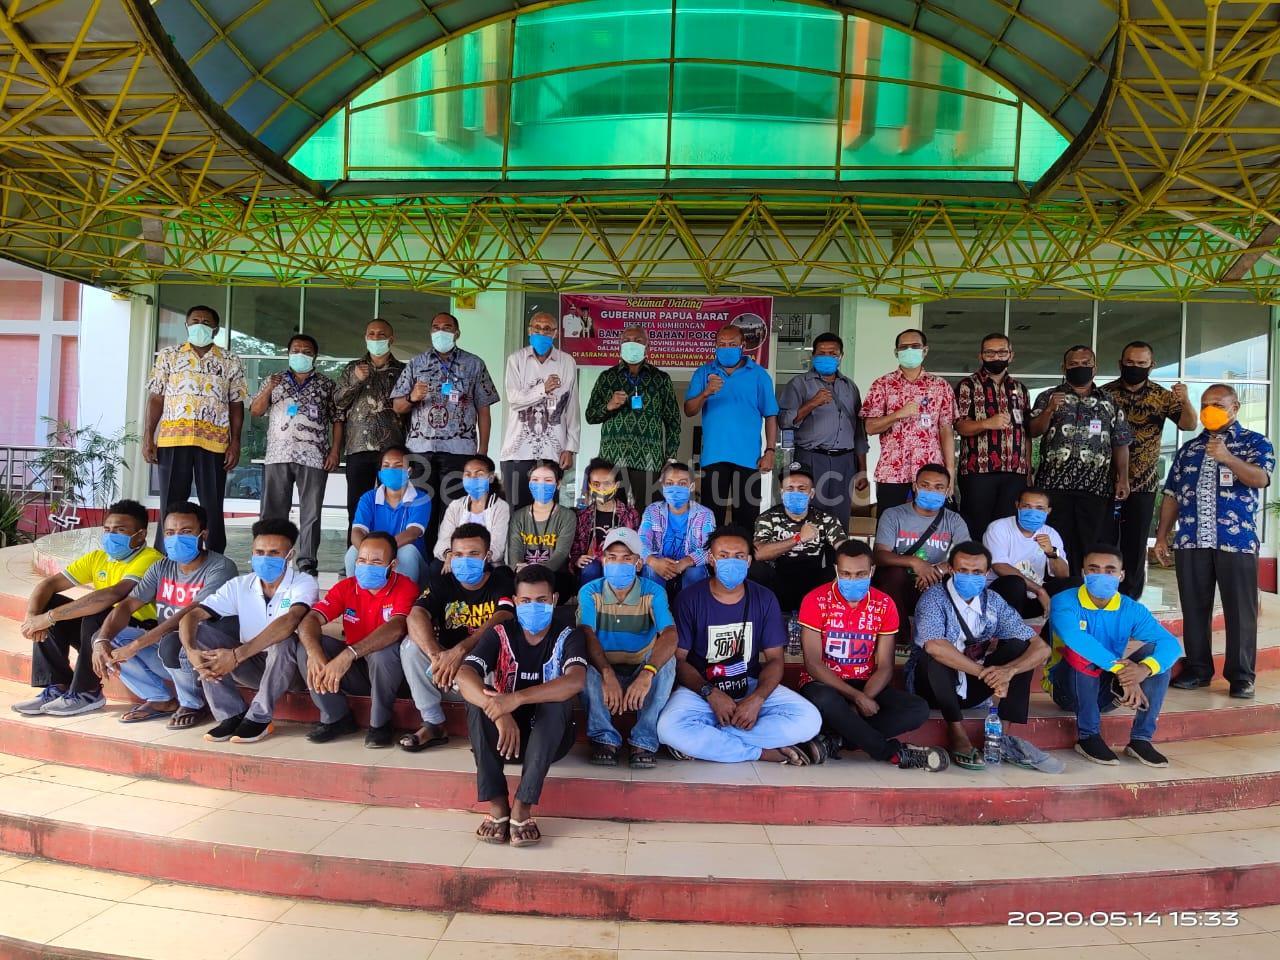 Gubernur PB Serahkan 283 Paket Bama Untuk 11 Asrama Mahasiswa UNIPA 26 IMG 20200514 WA0032